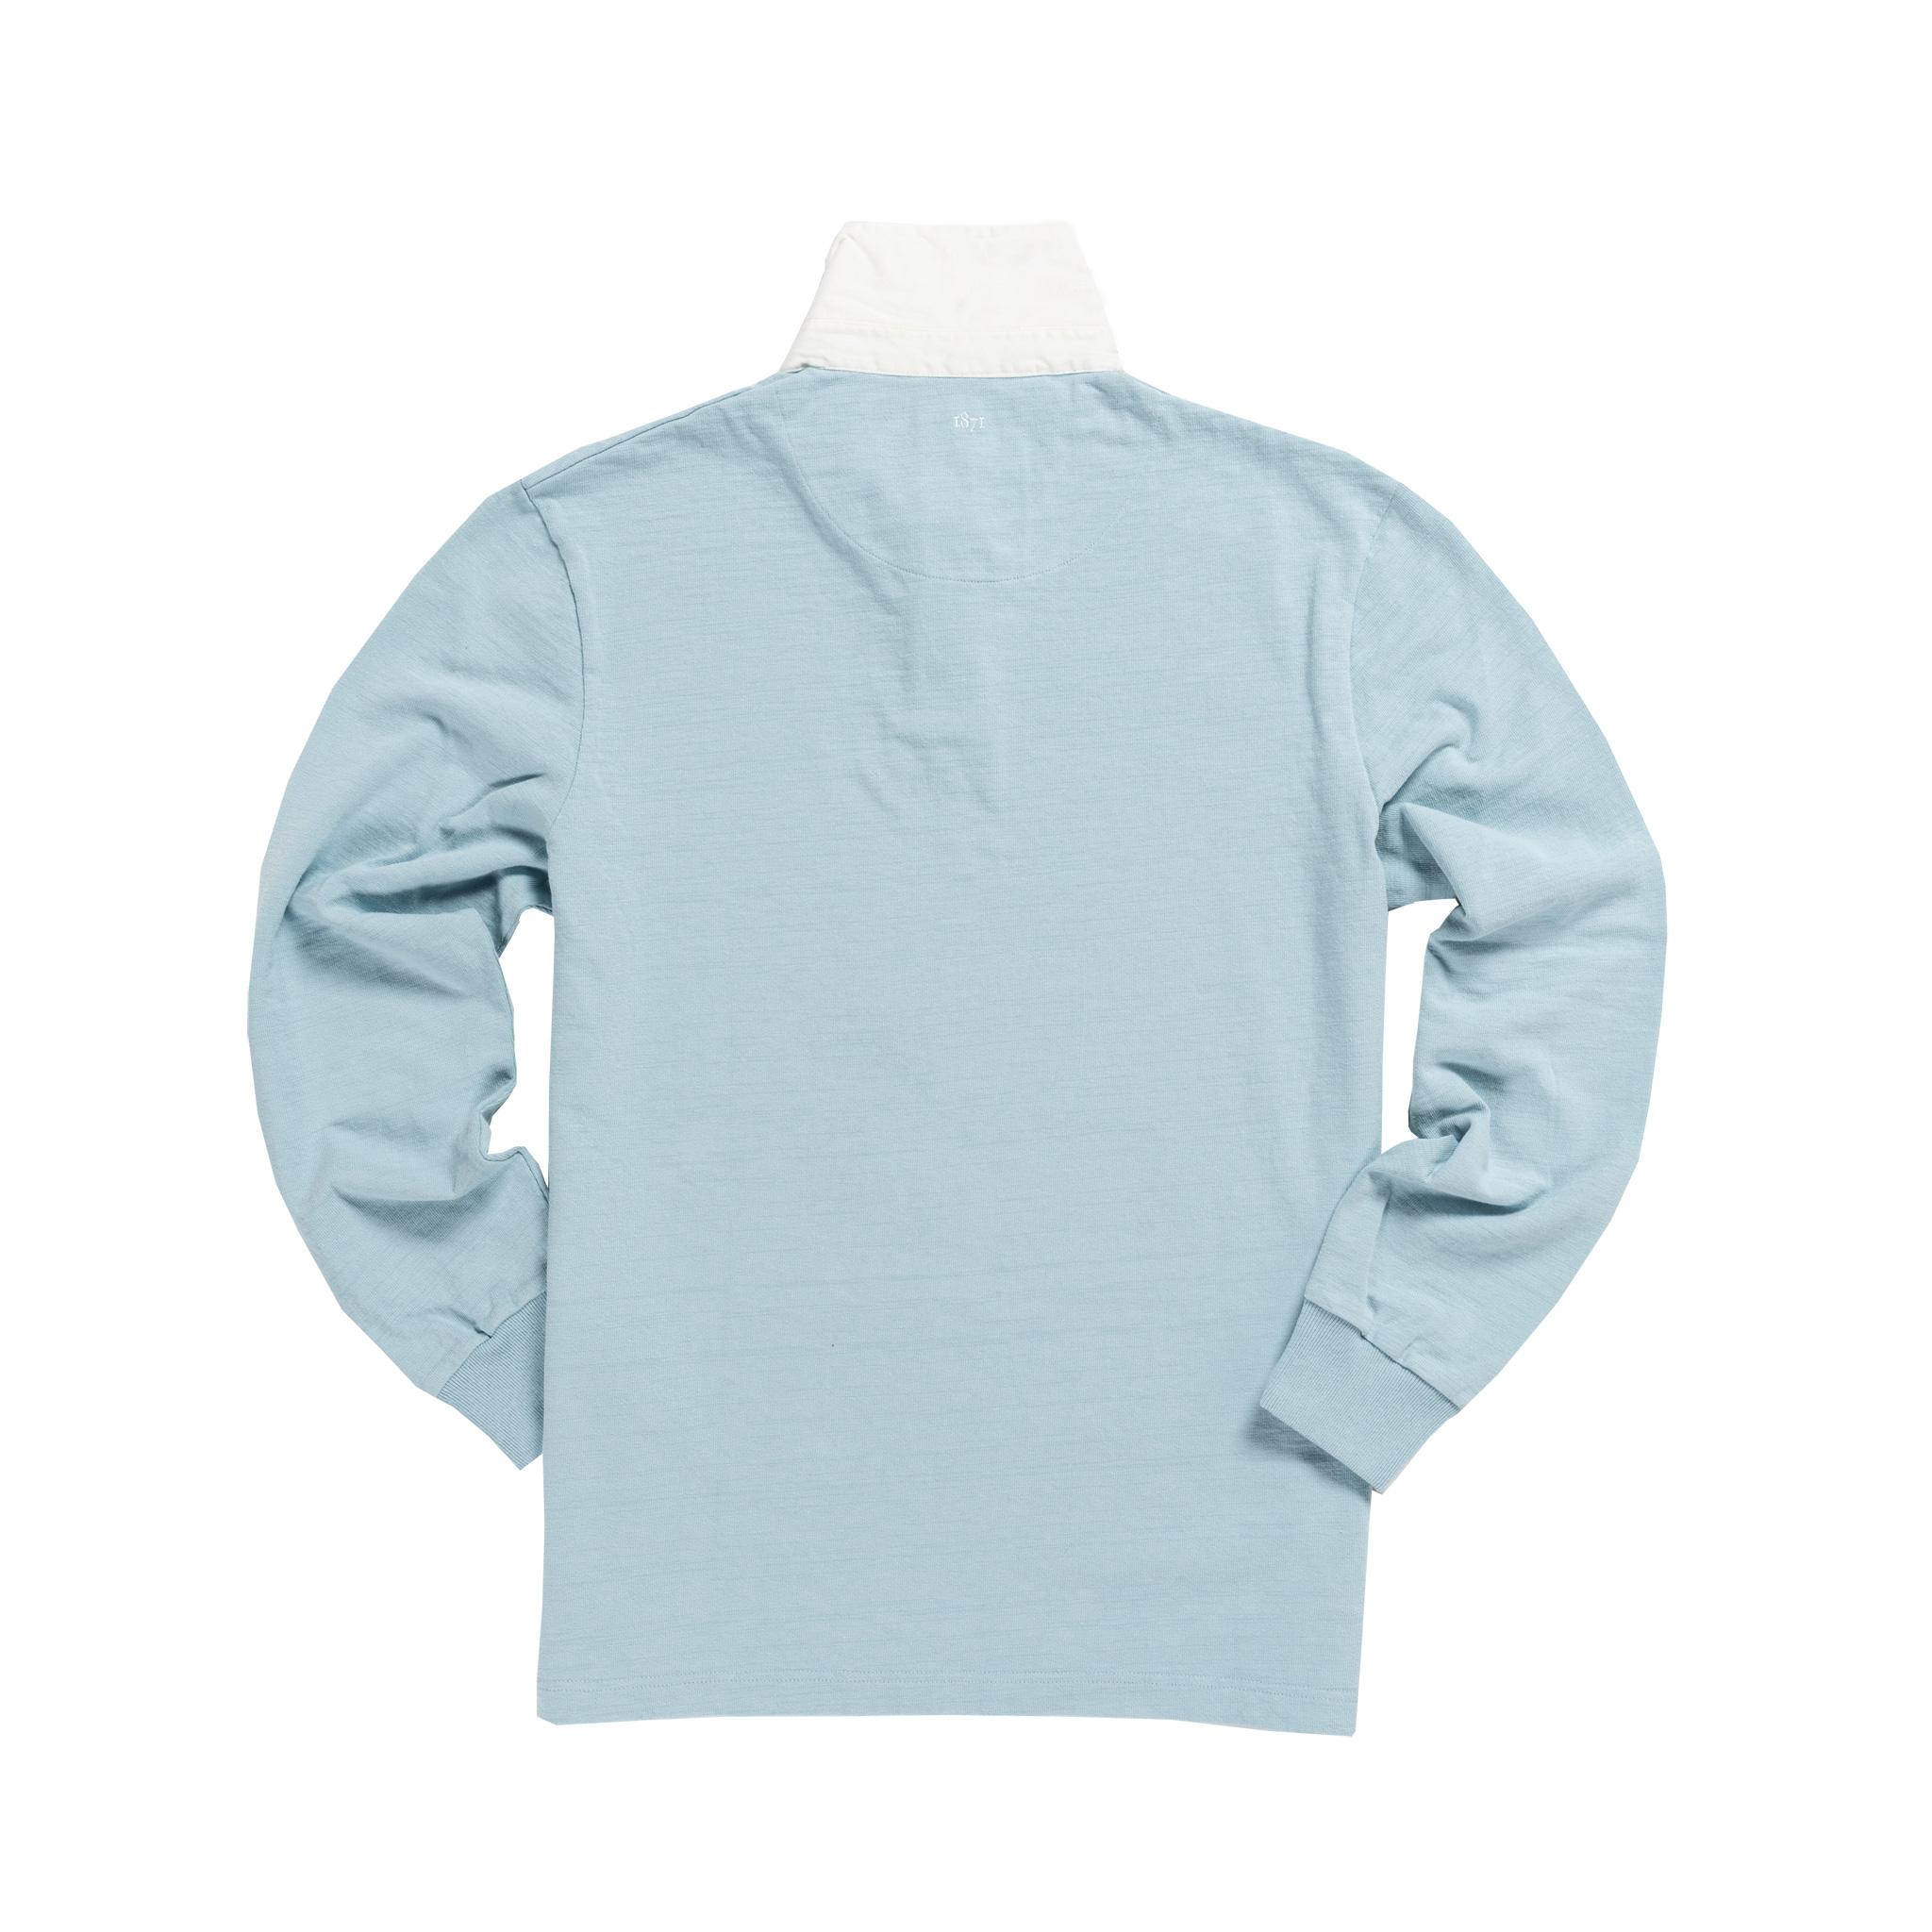 Pembroke 1842 Rugby Shirt_Back